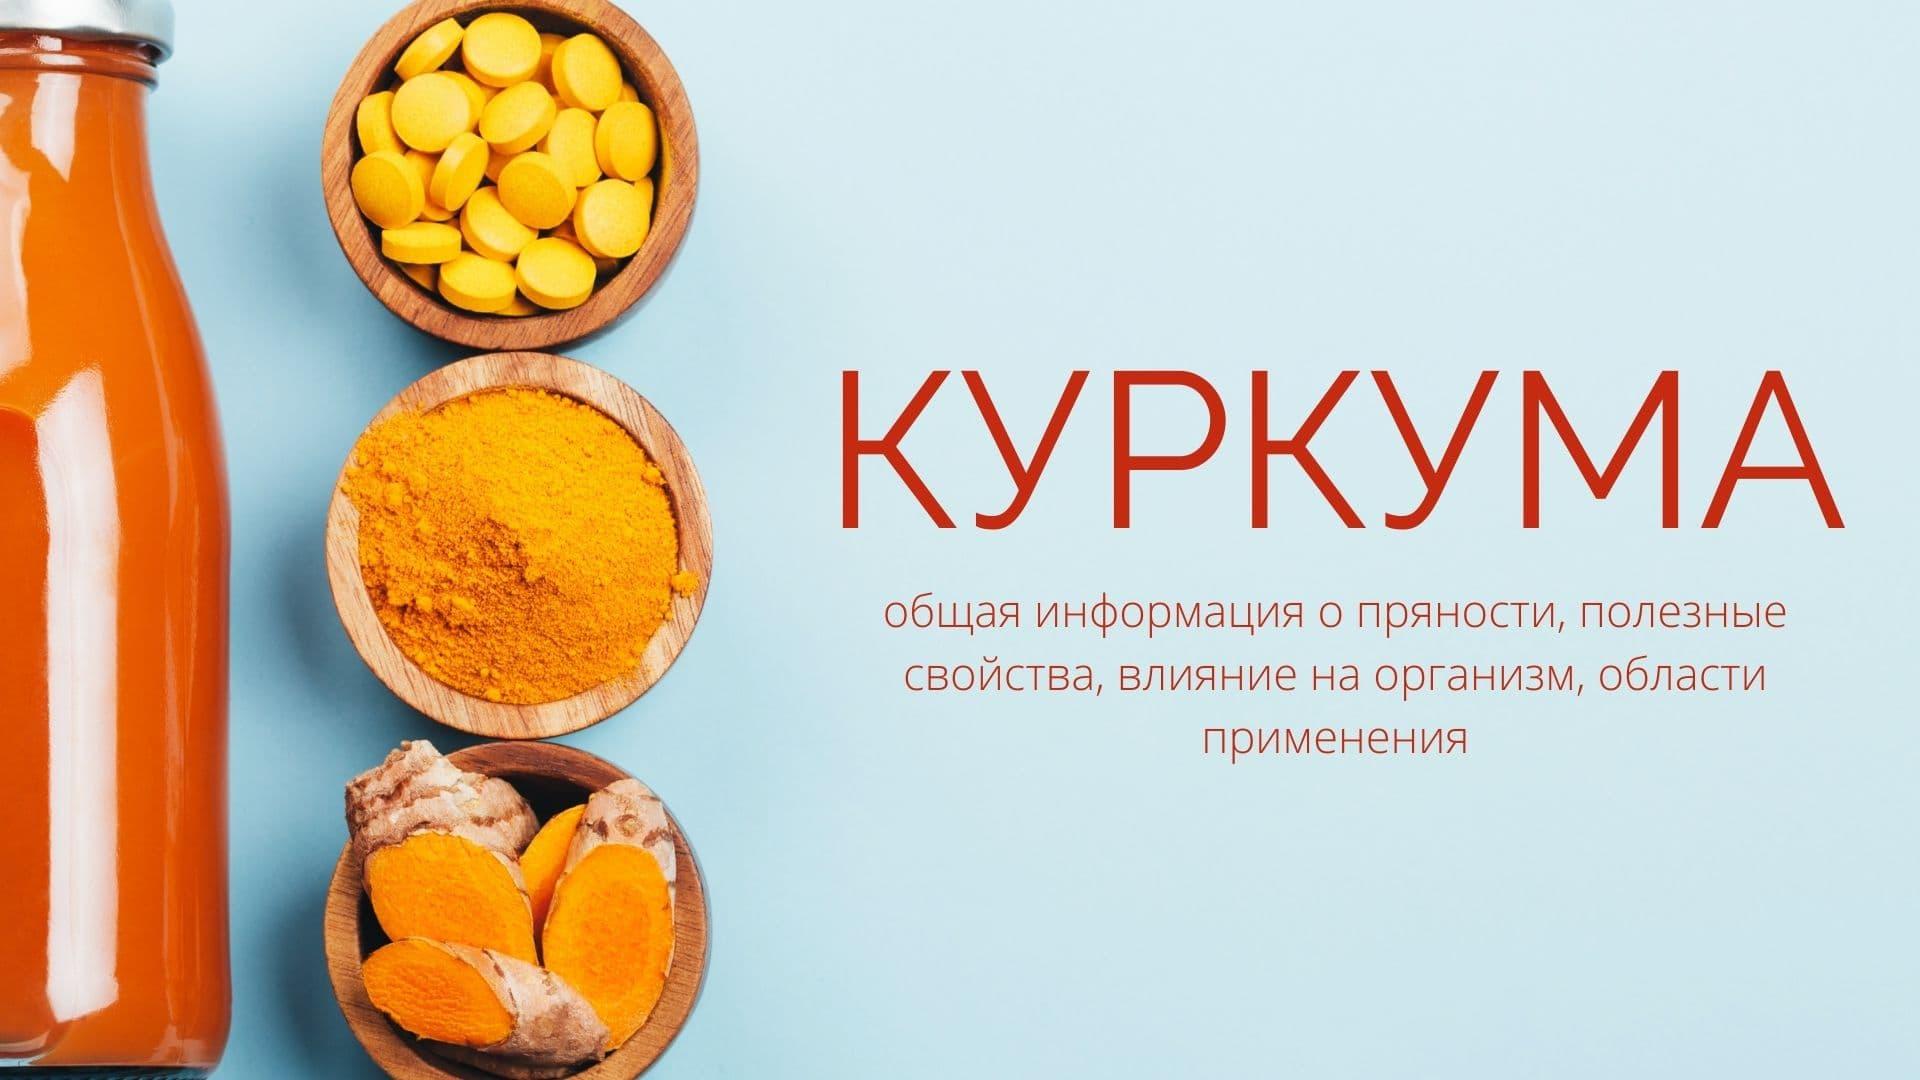 Куркума: общая информация о пряности, полезные свойства, влияние на организм, области применения